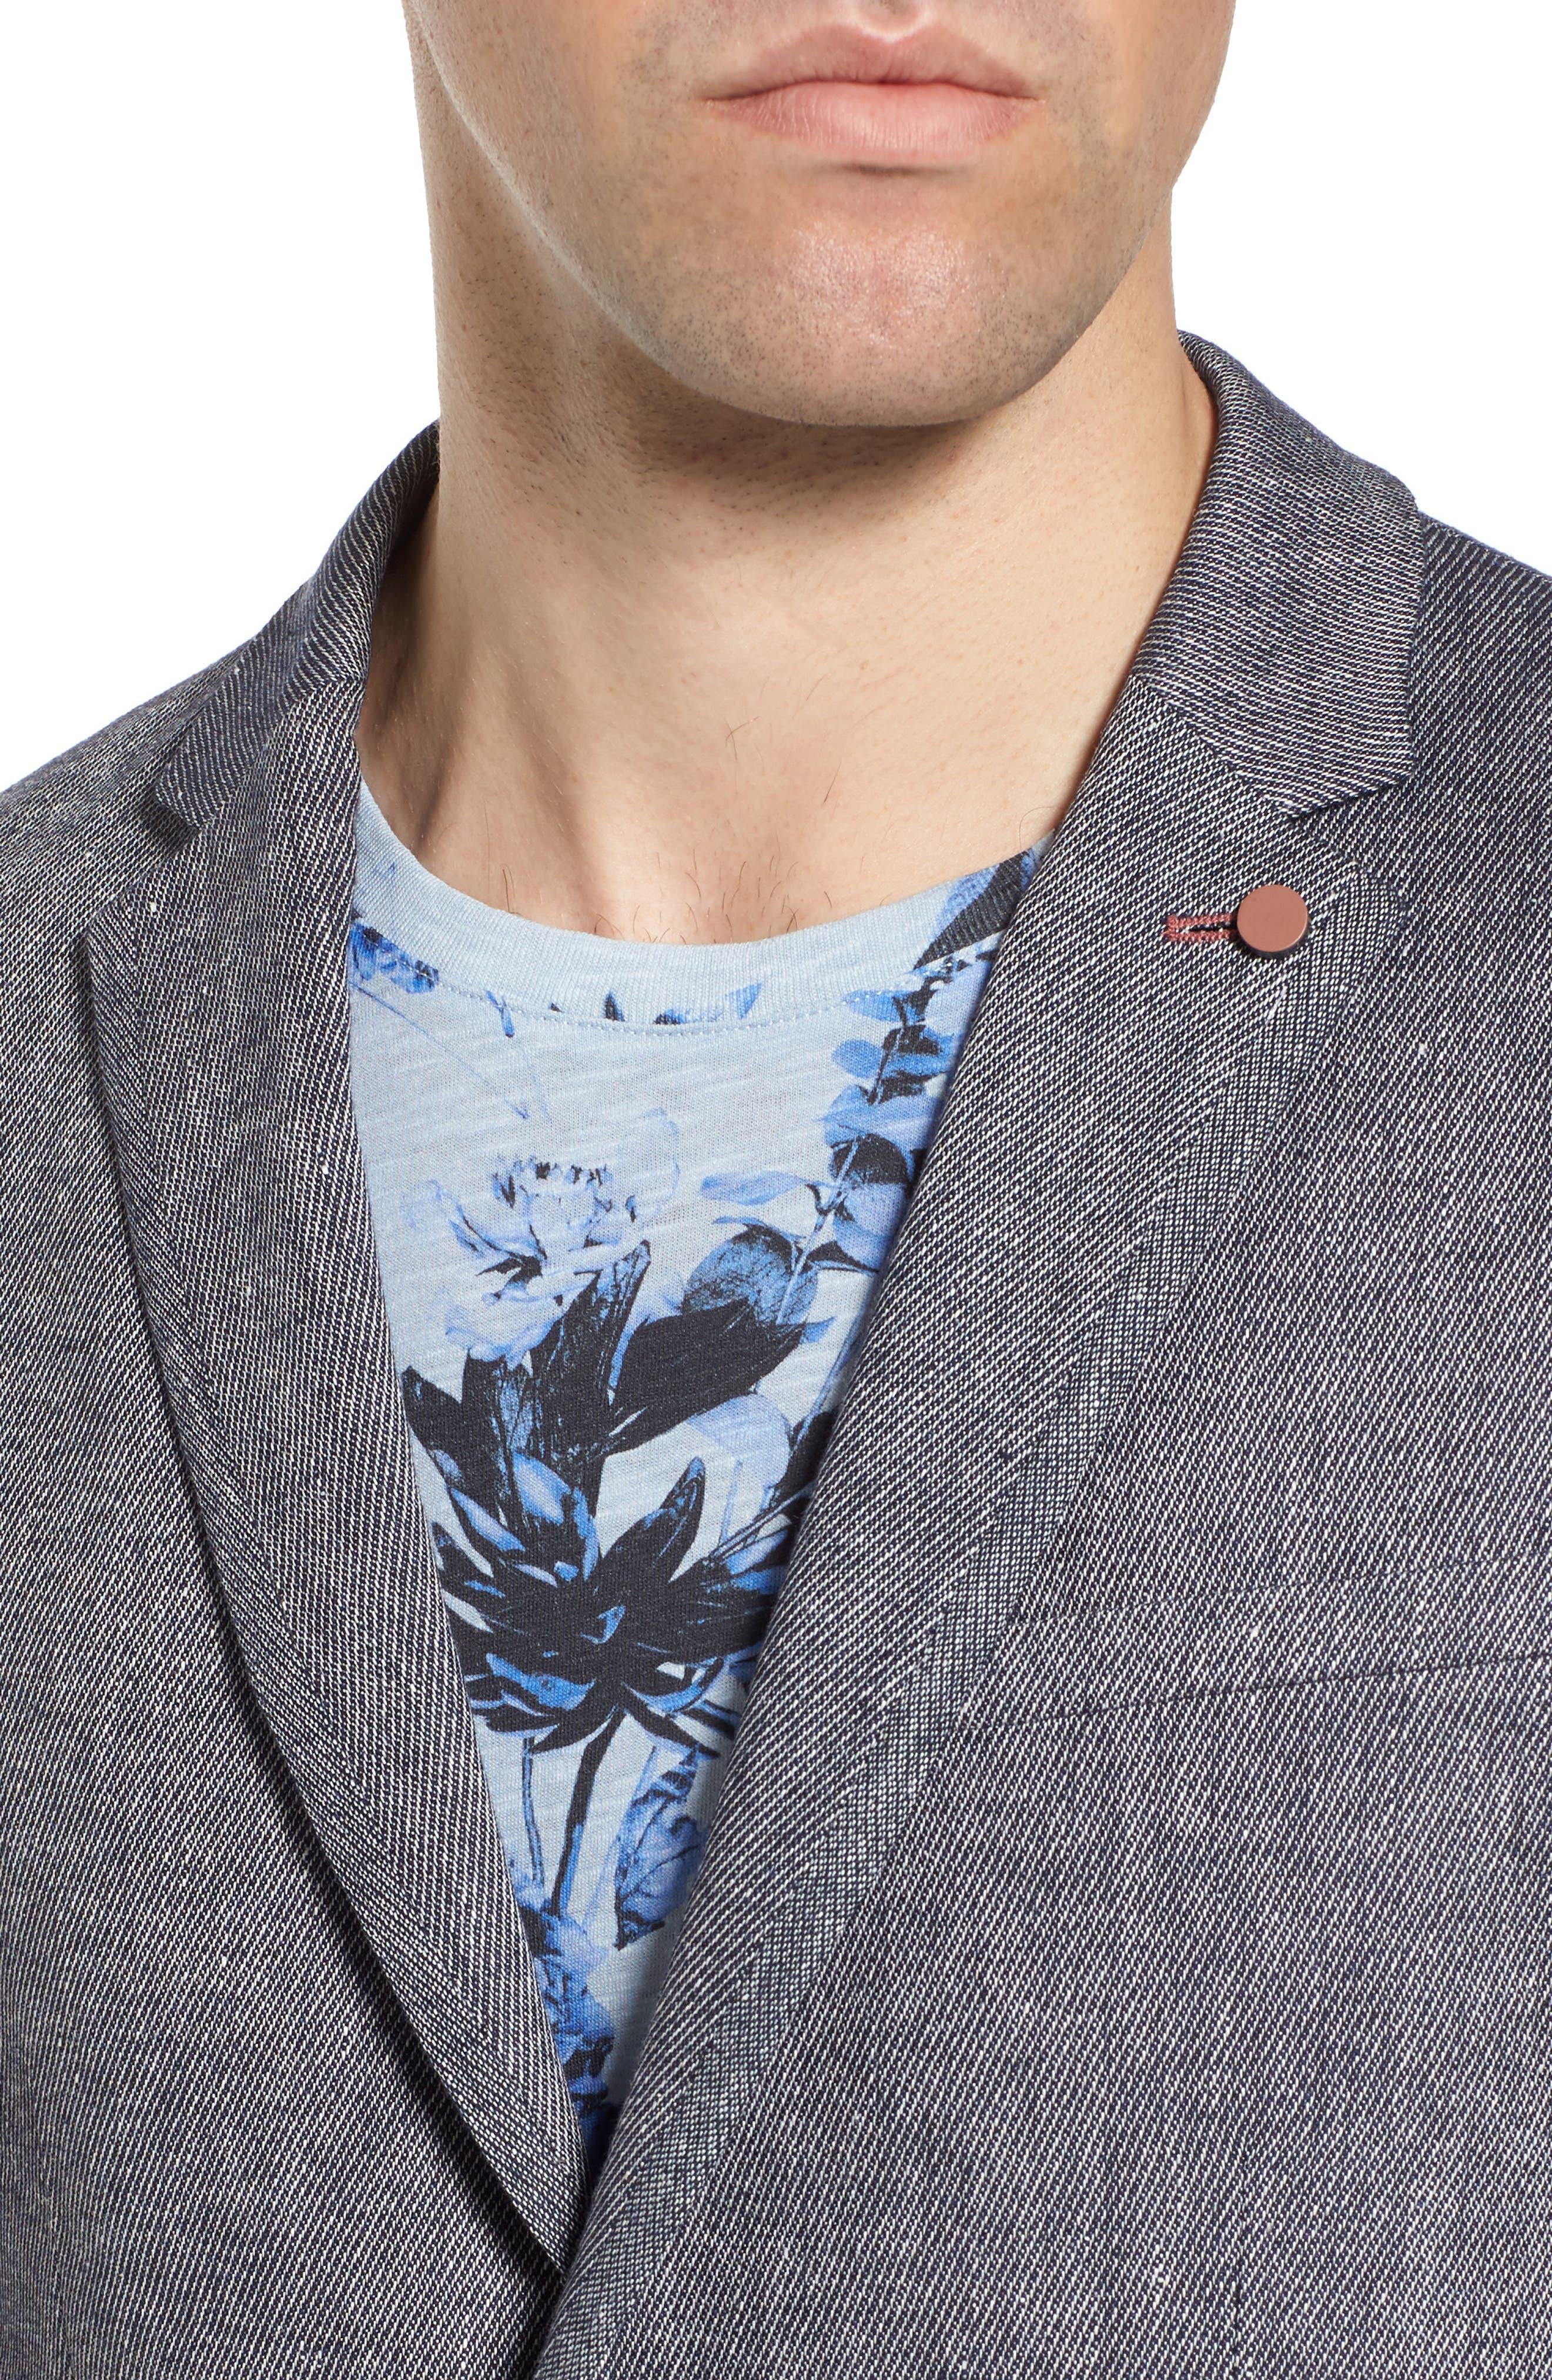 Hines Trim Fit Linen Blend Blazer,                             Alternate thumbnail 4, color,                             BLUE